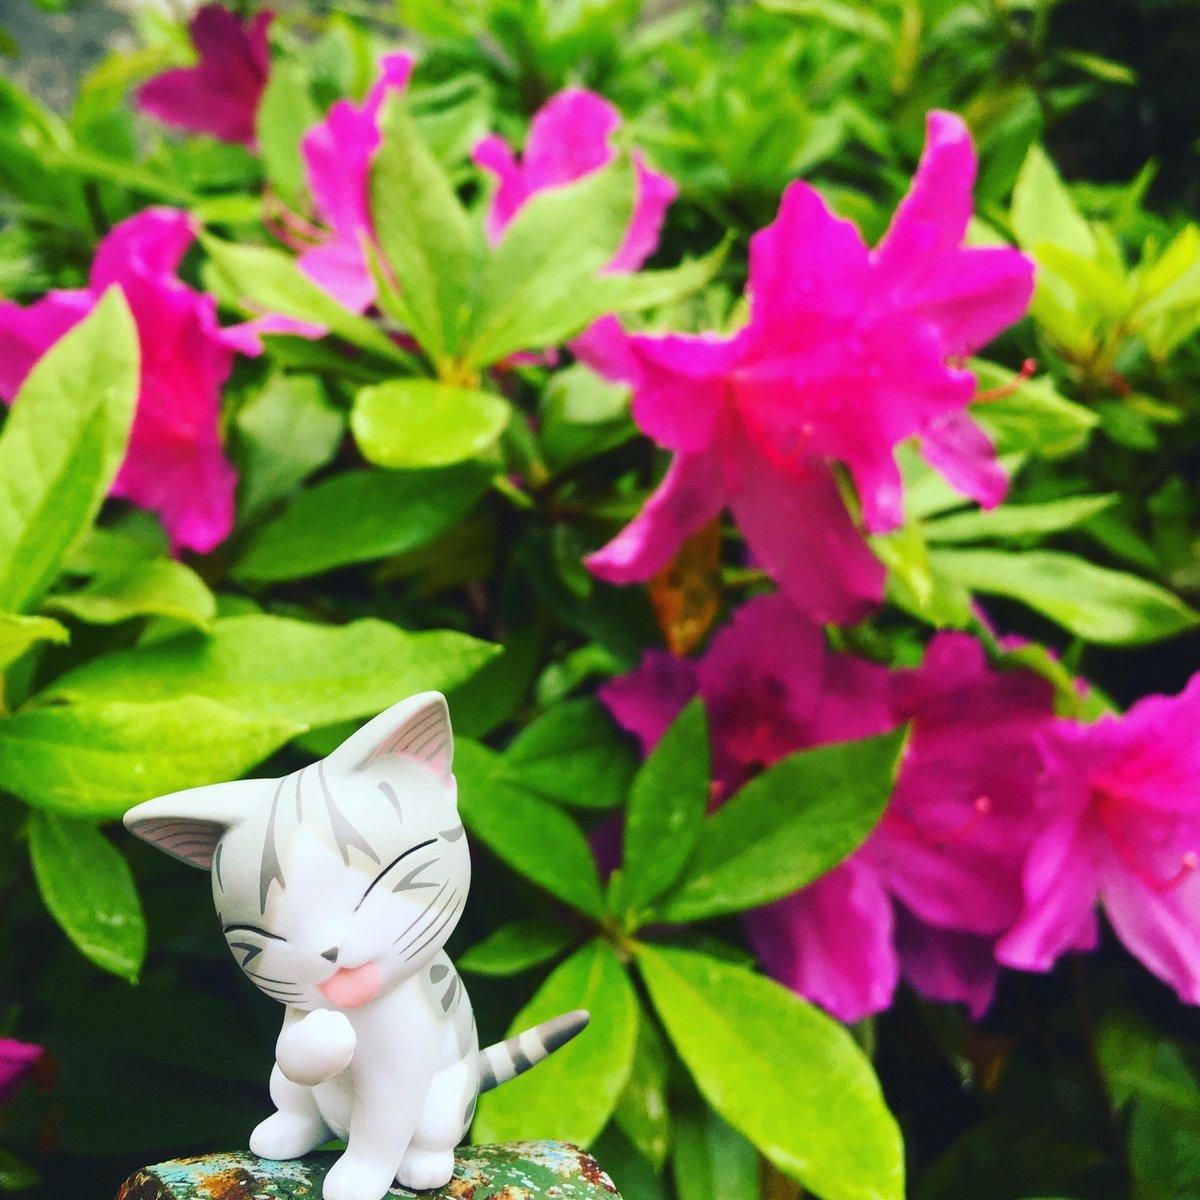 あたたかくなってきて チーのお散歩コースの公園にも たくさんのお花さいてて きれいなんら〜#こねこのチー #チーズスイー